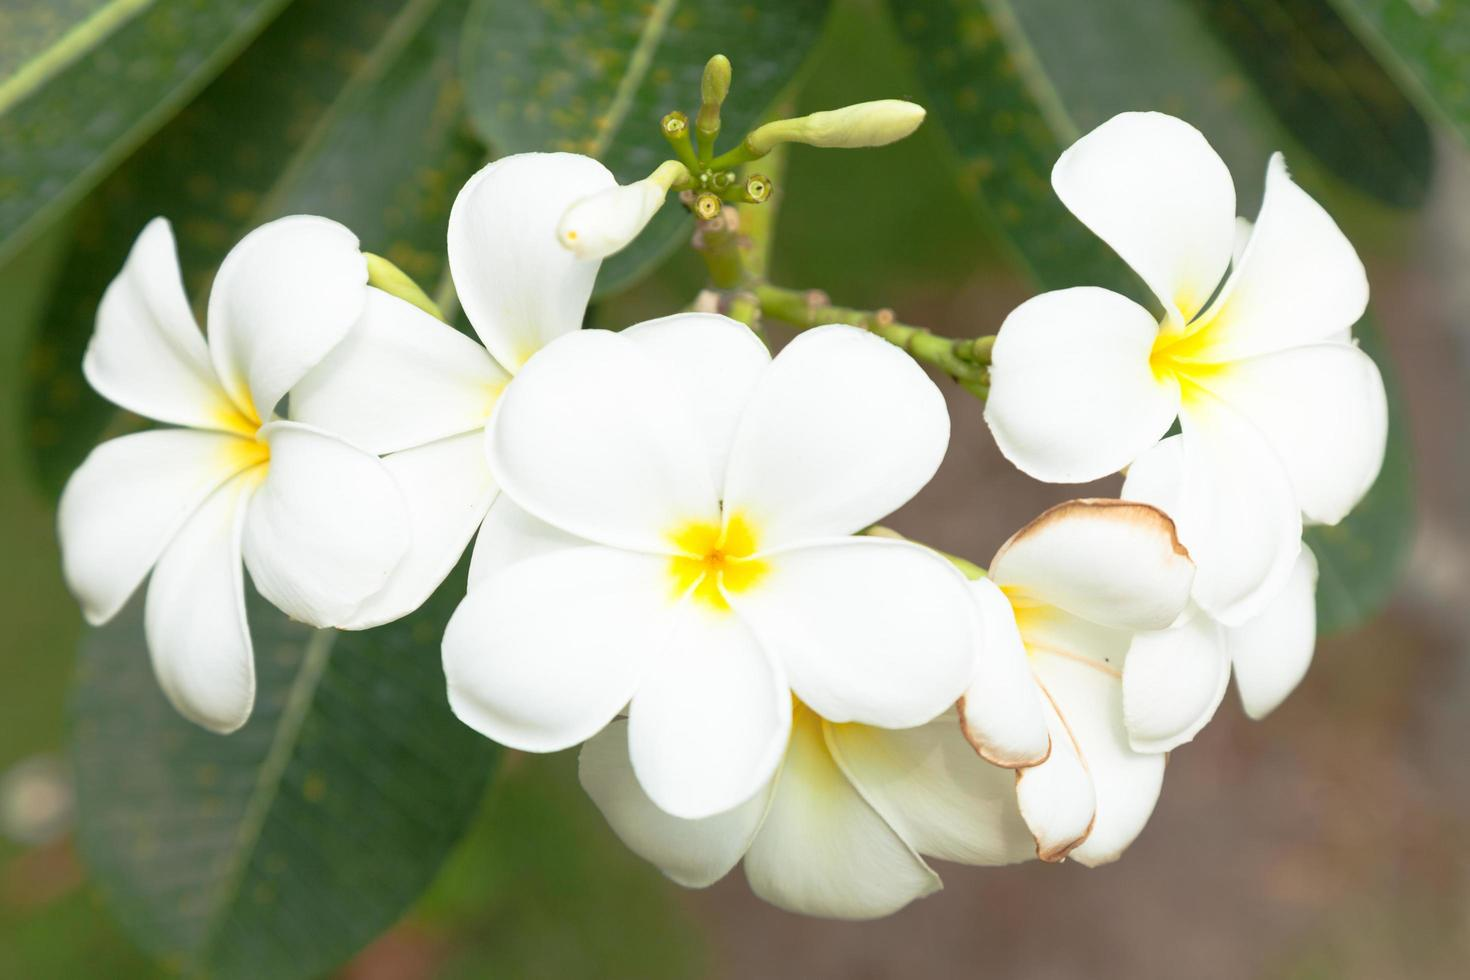 flores blancas en un árbol foto